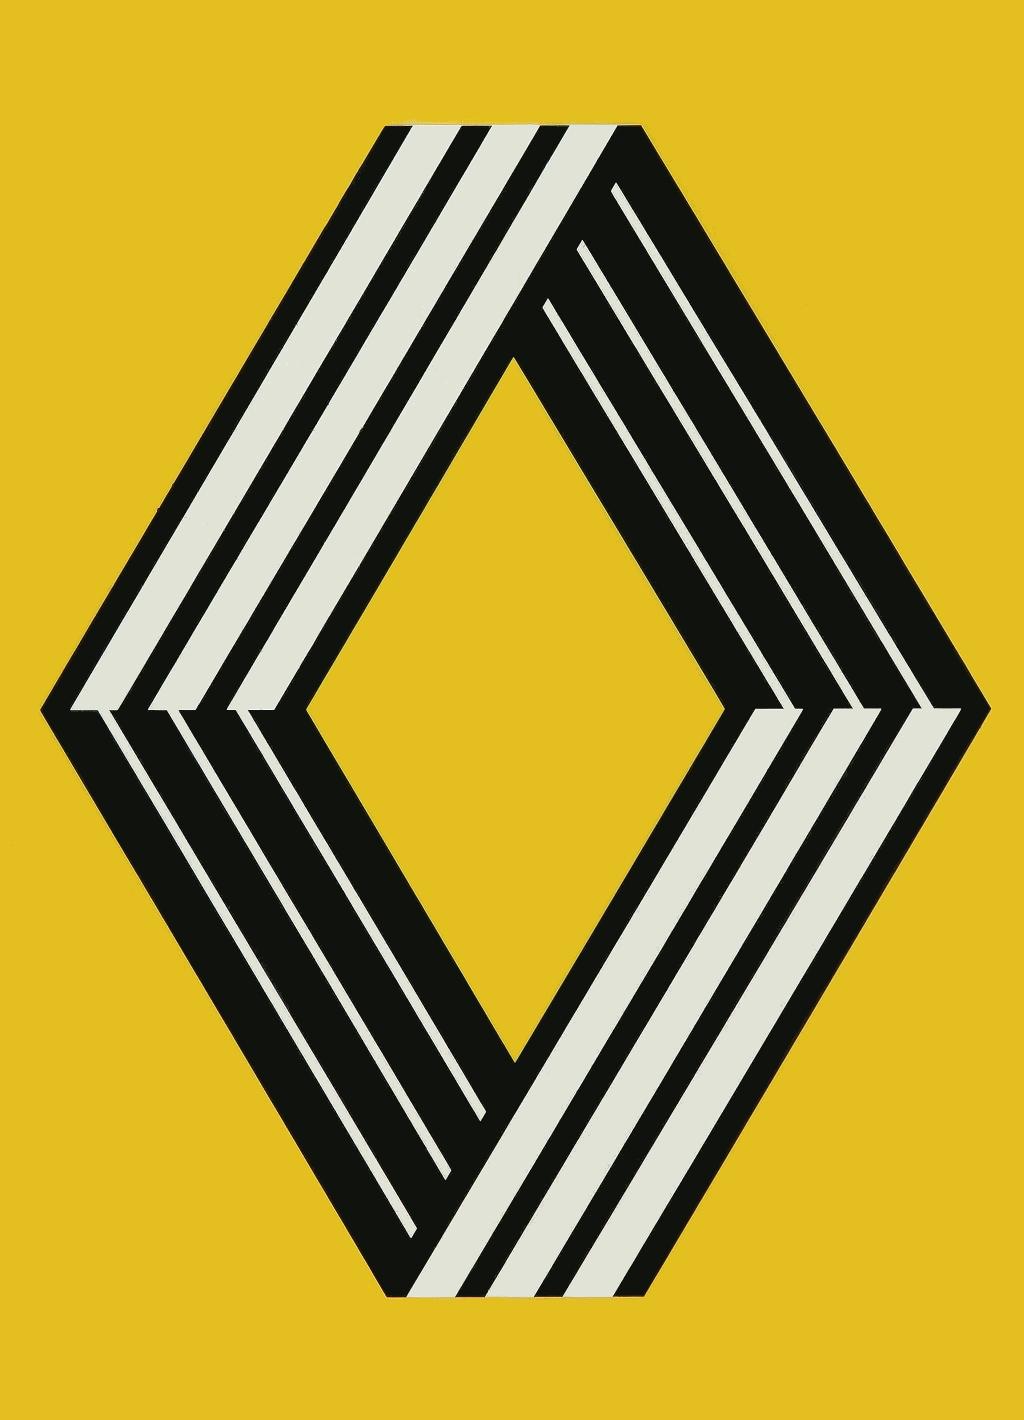 логотип renault: